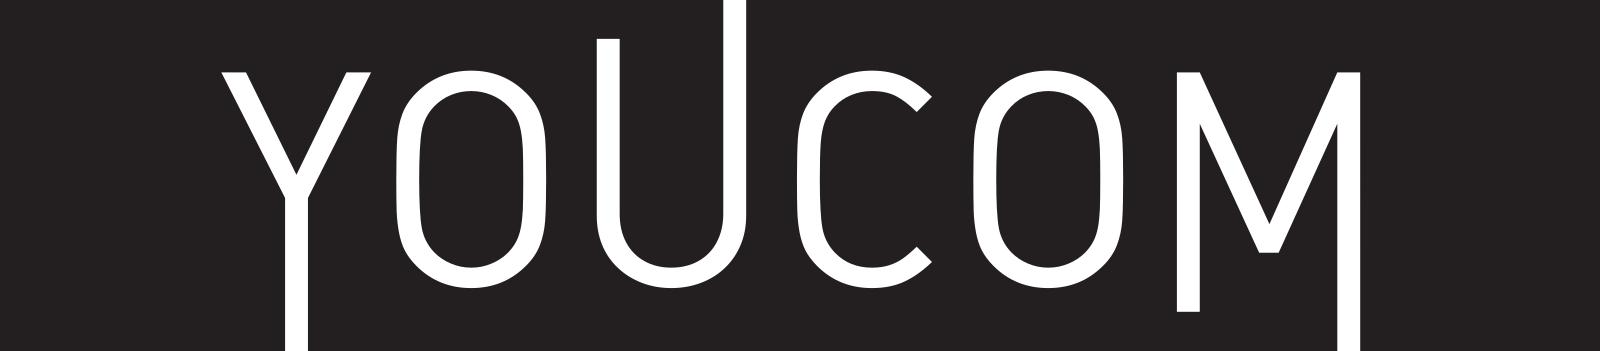 youcom logo 2 - Youcom Logo